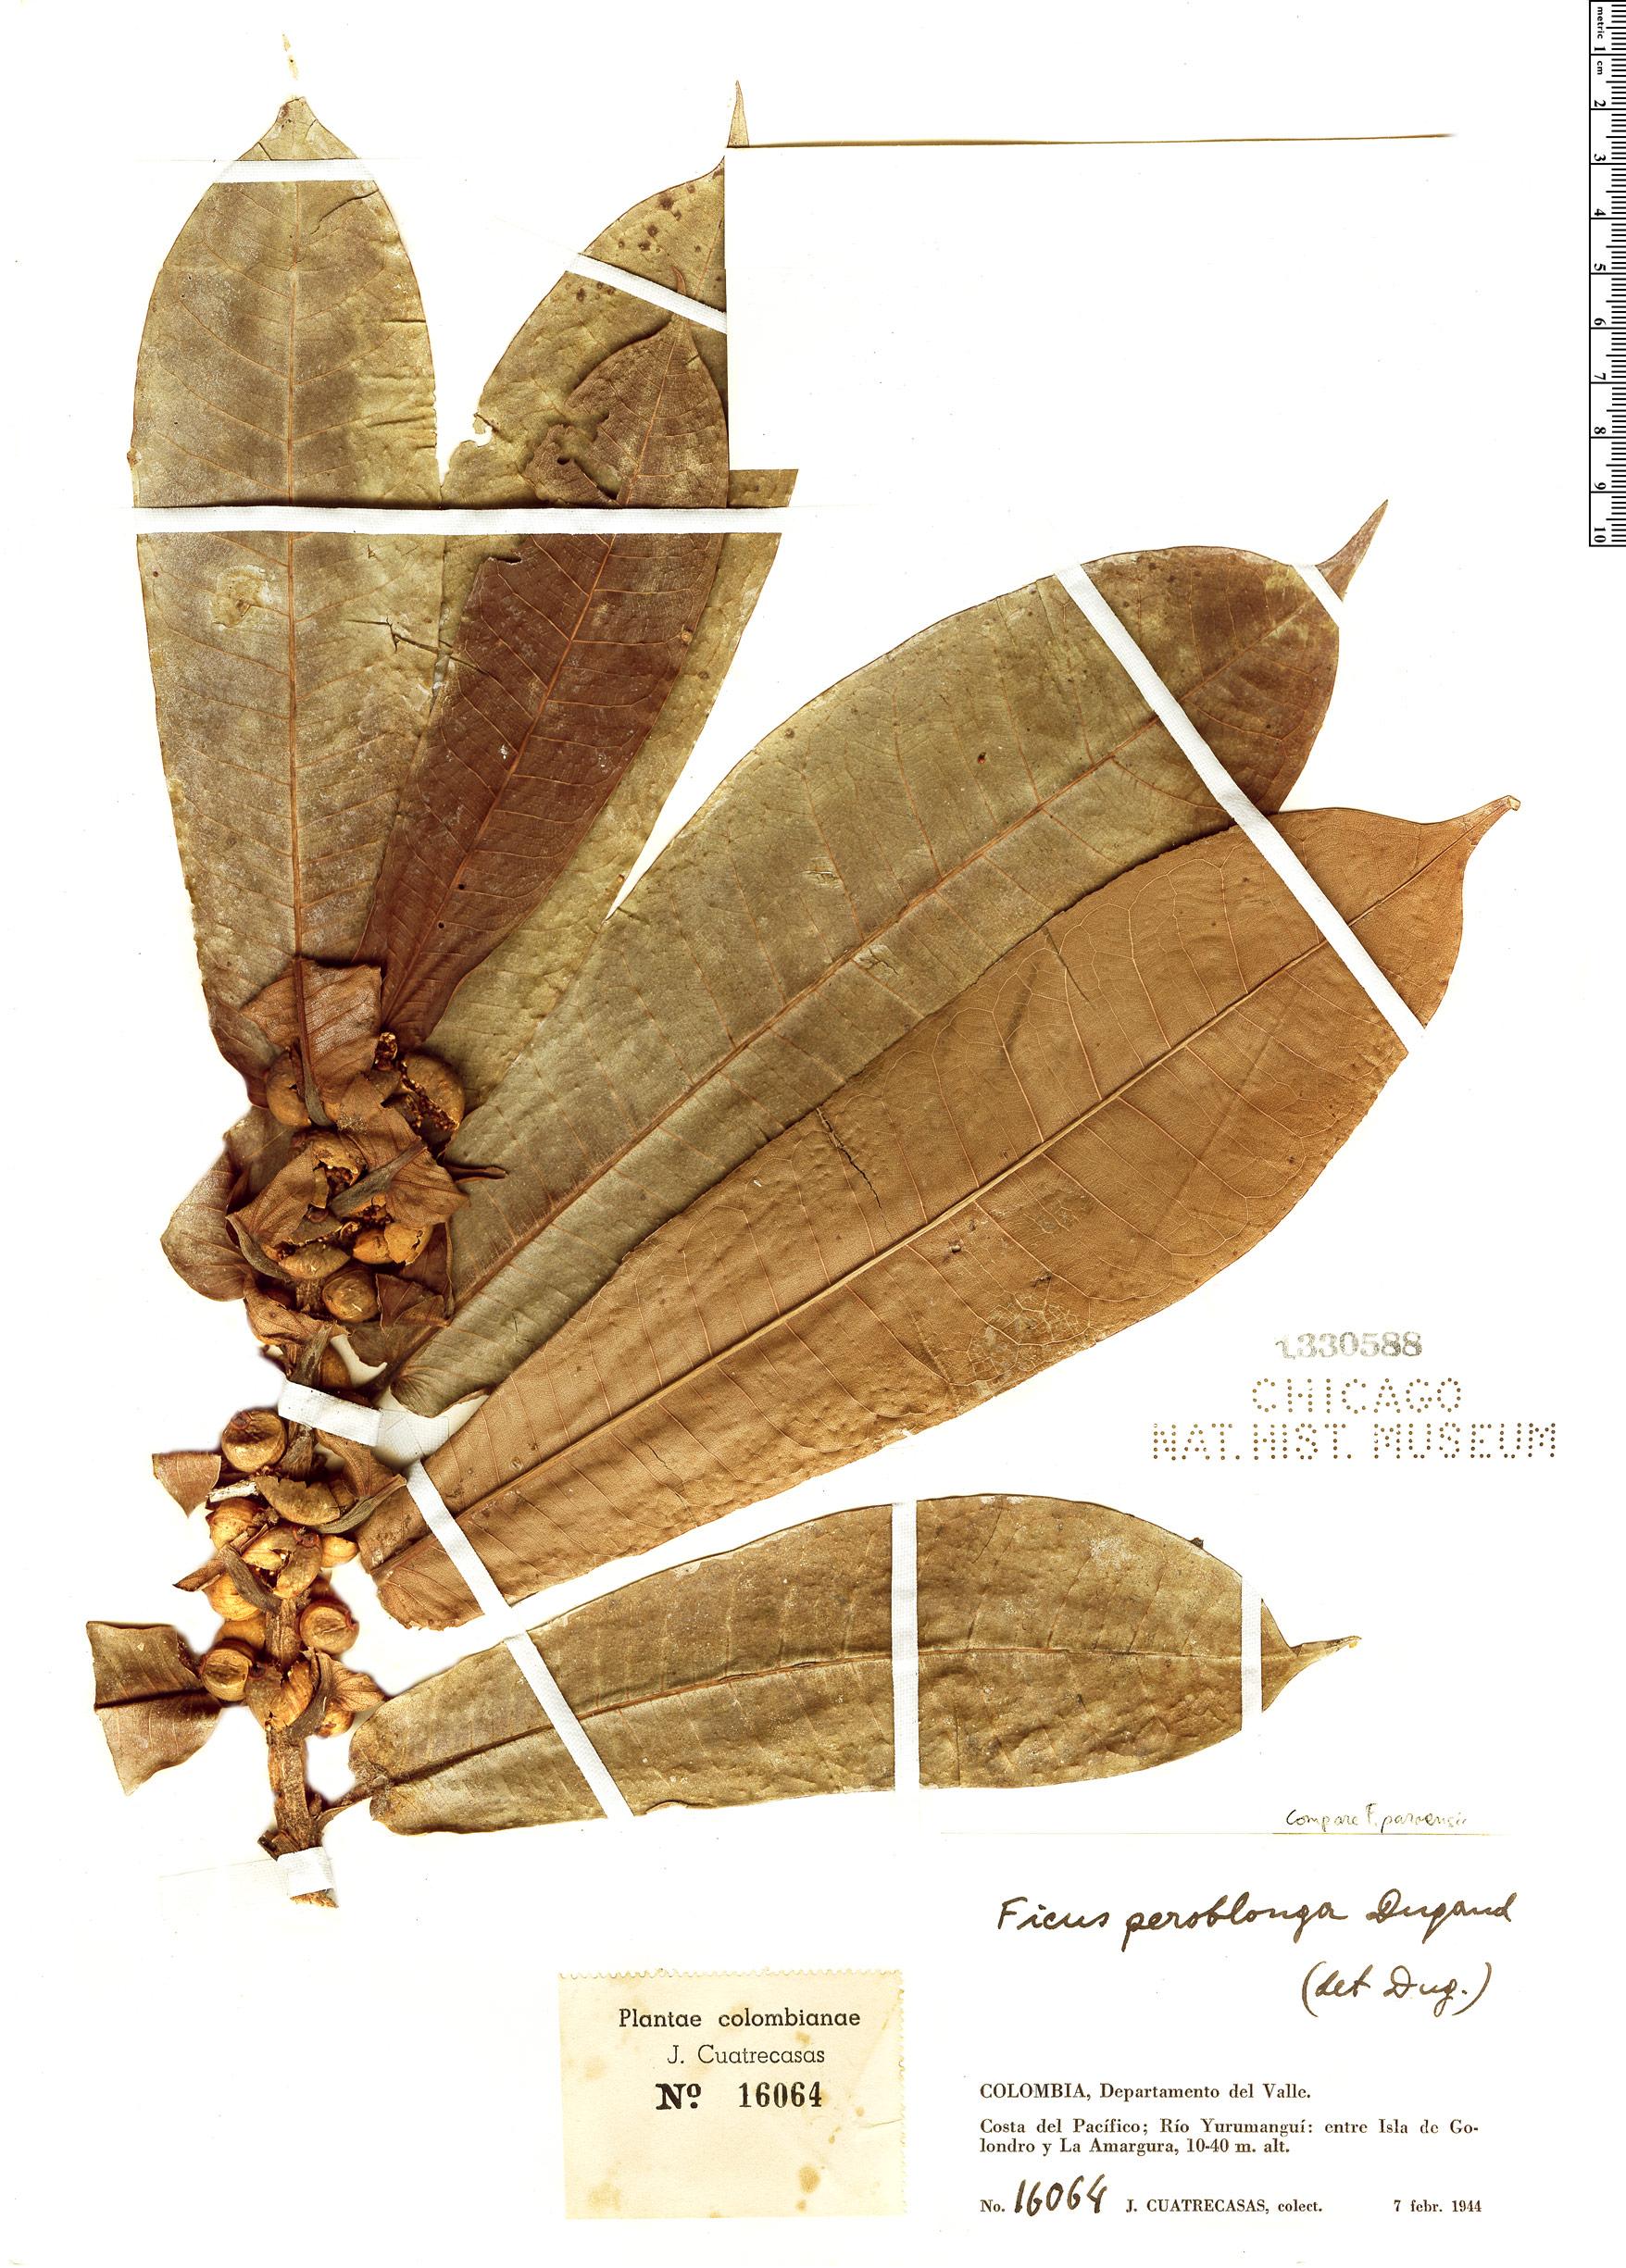 Specimen: Ficus peroblonga